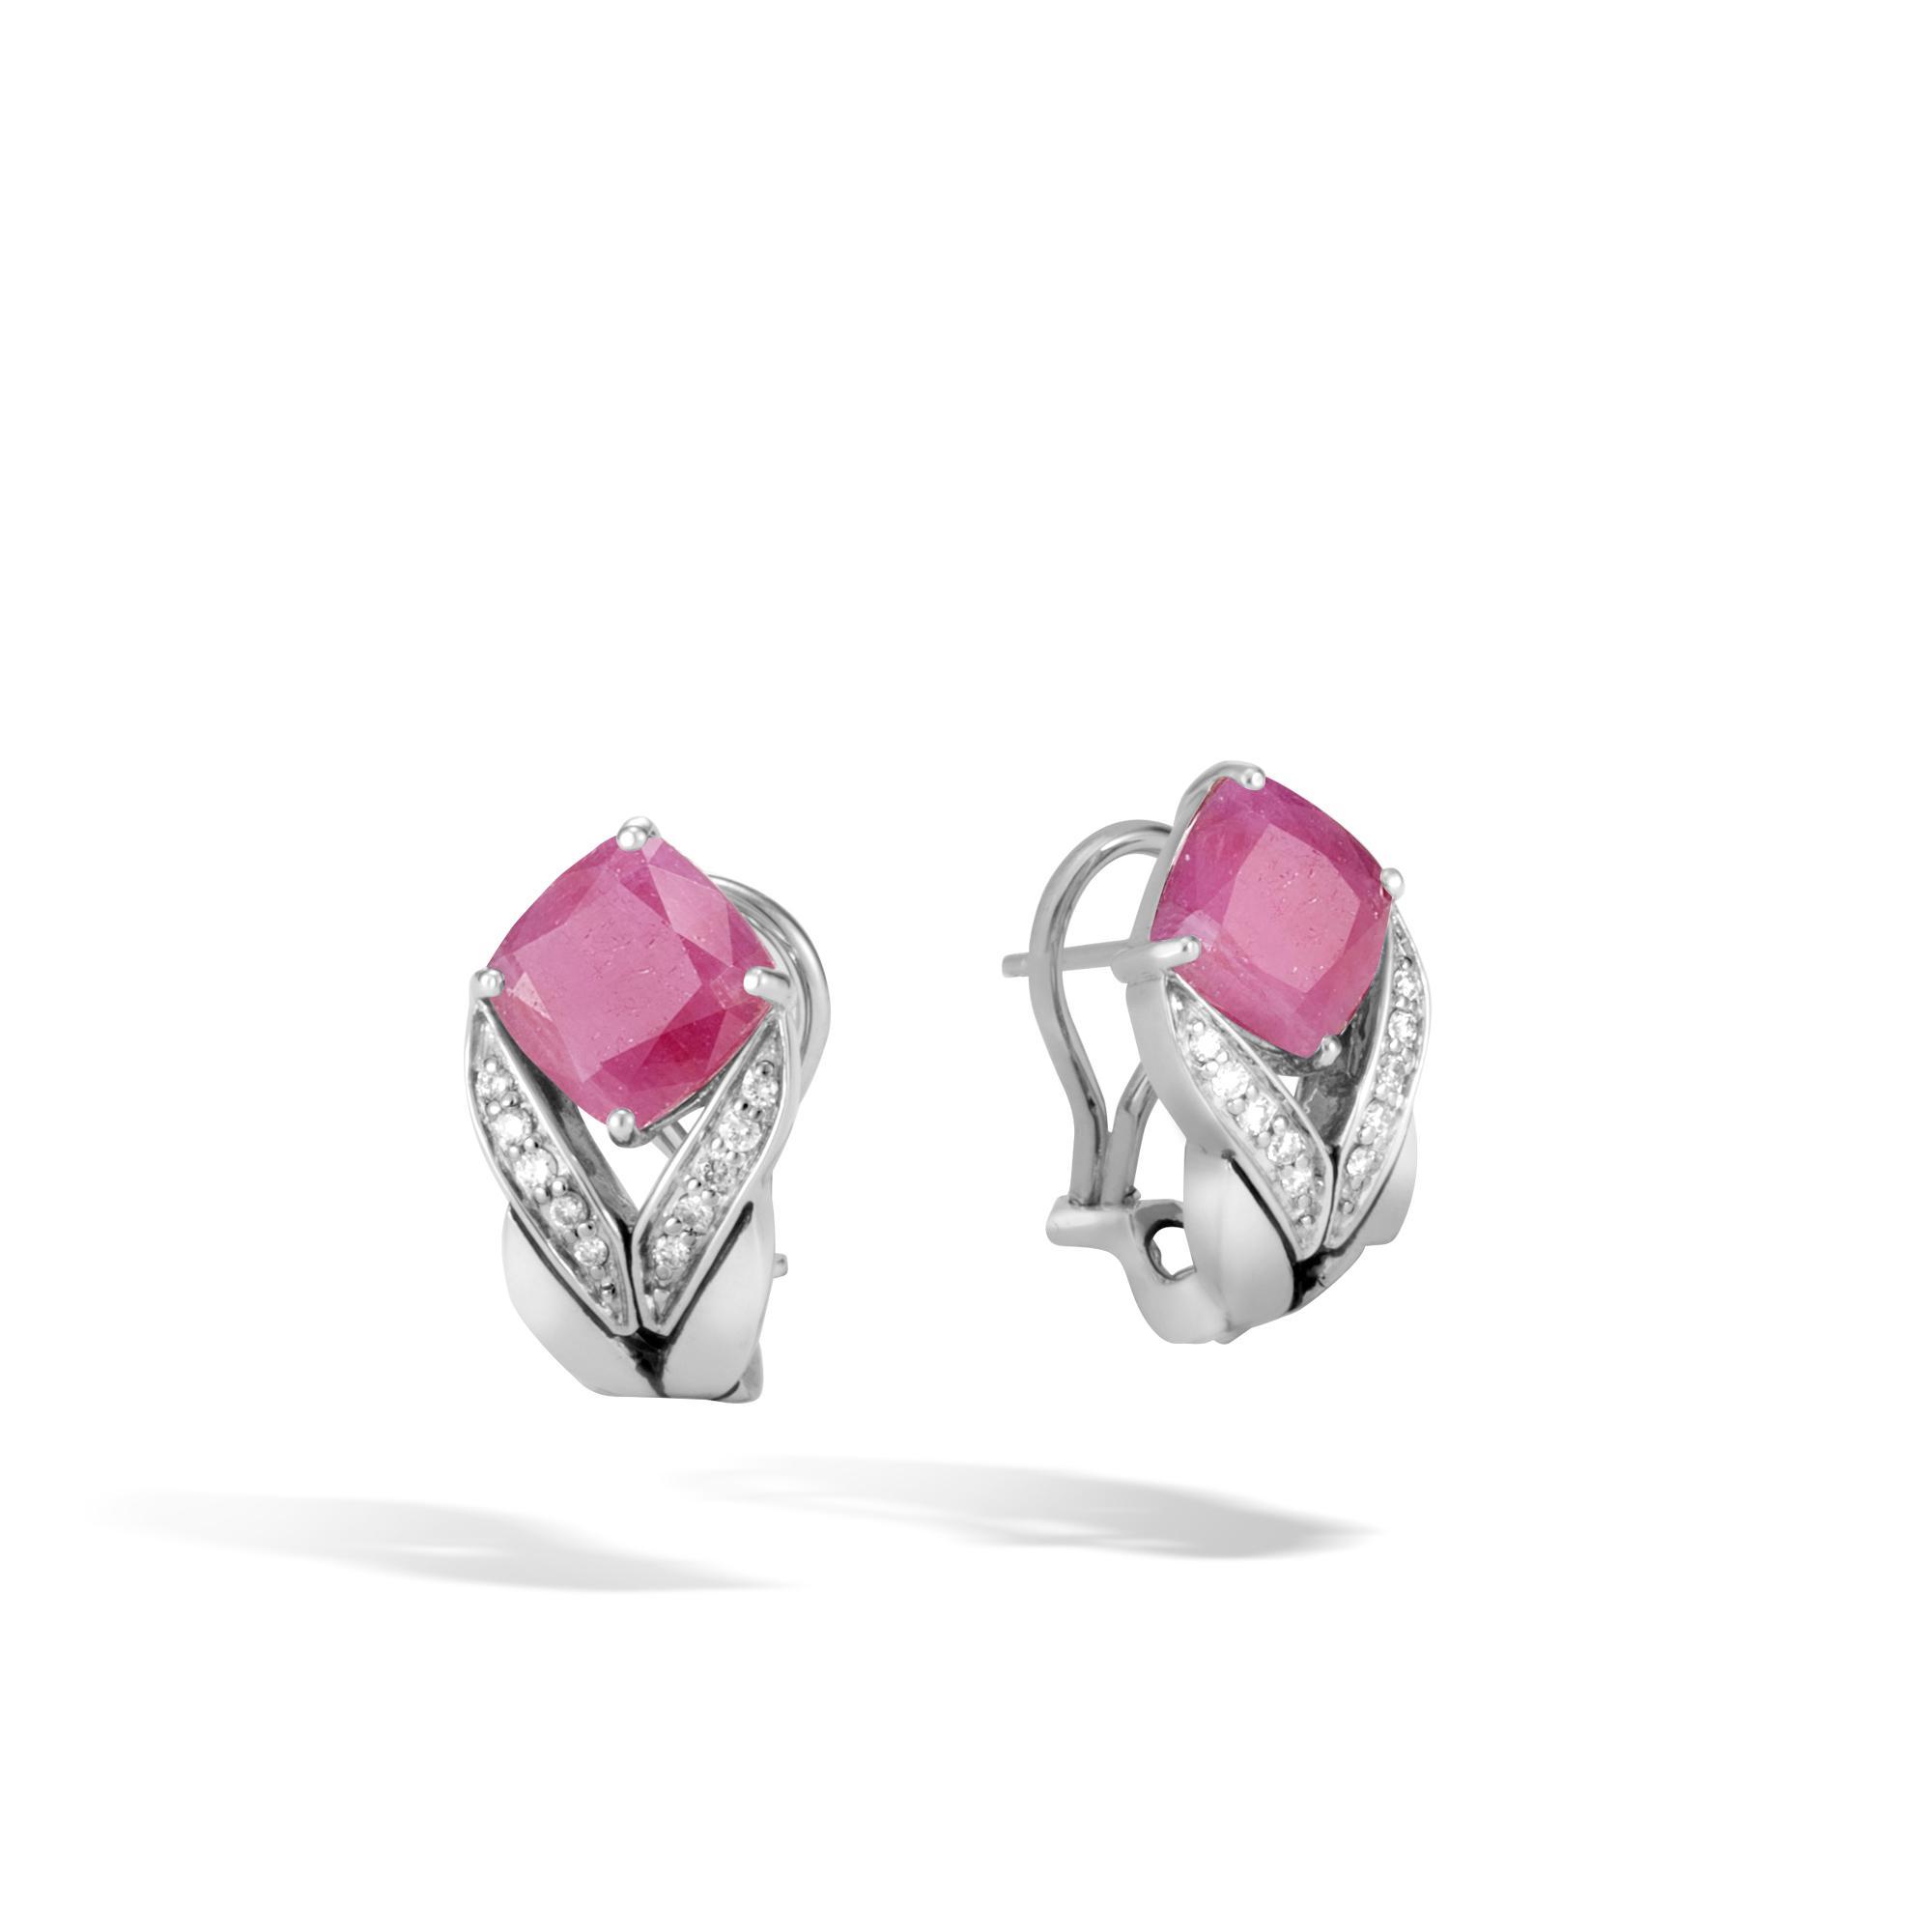 John Hardy Magic Cut Modern Chain Drop Earrings w/ Diamonds in Pink Sheen Sapphire PmLcQ3u02H